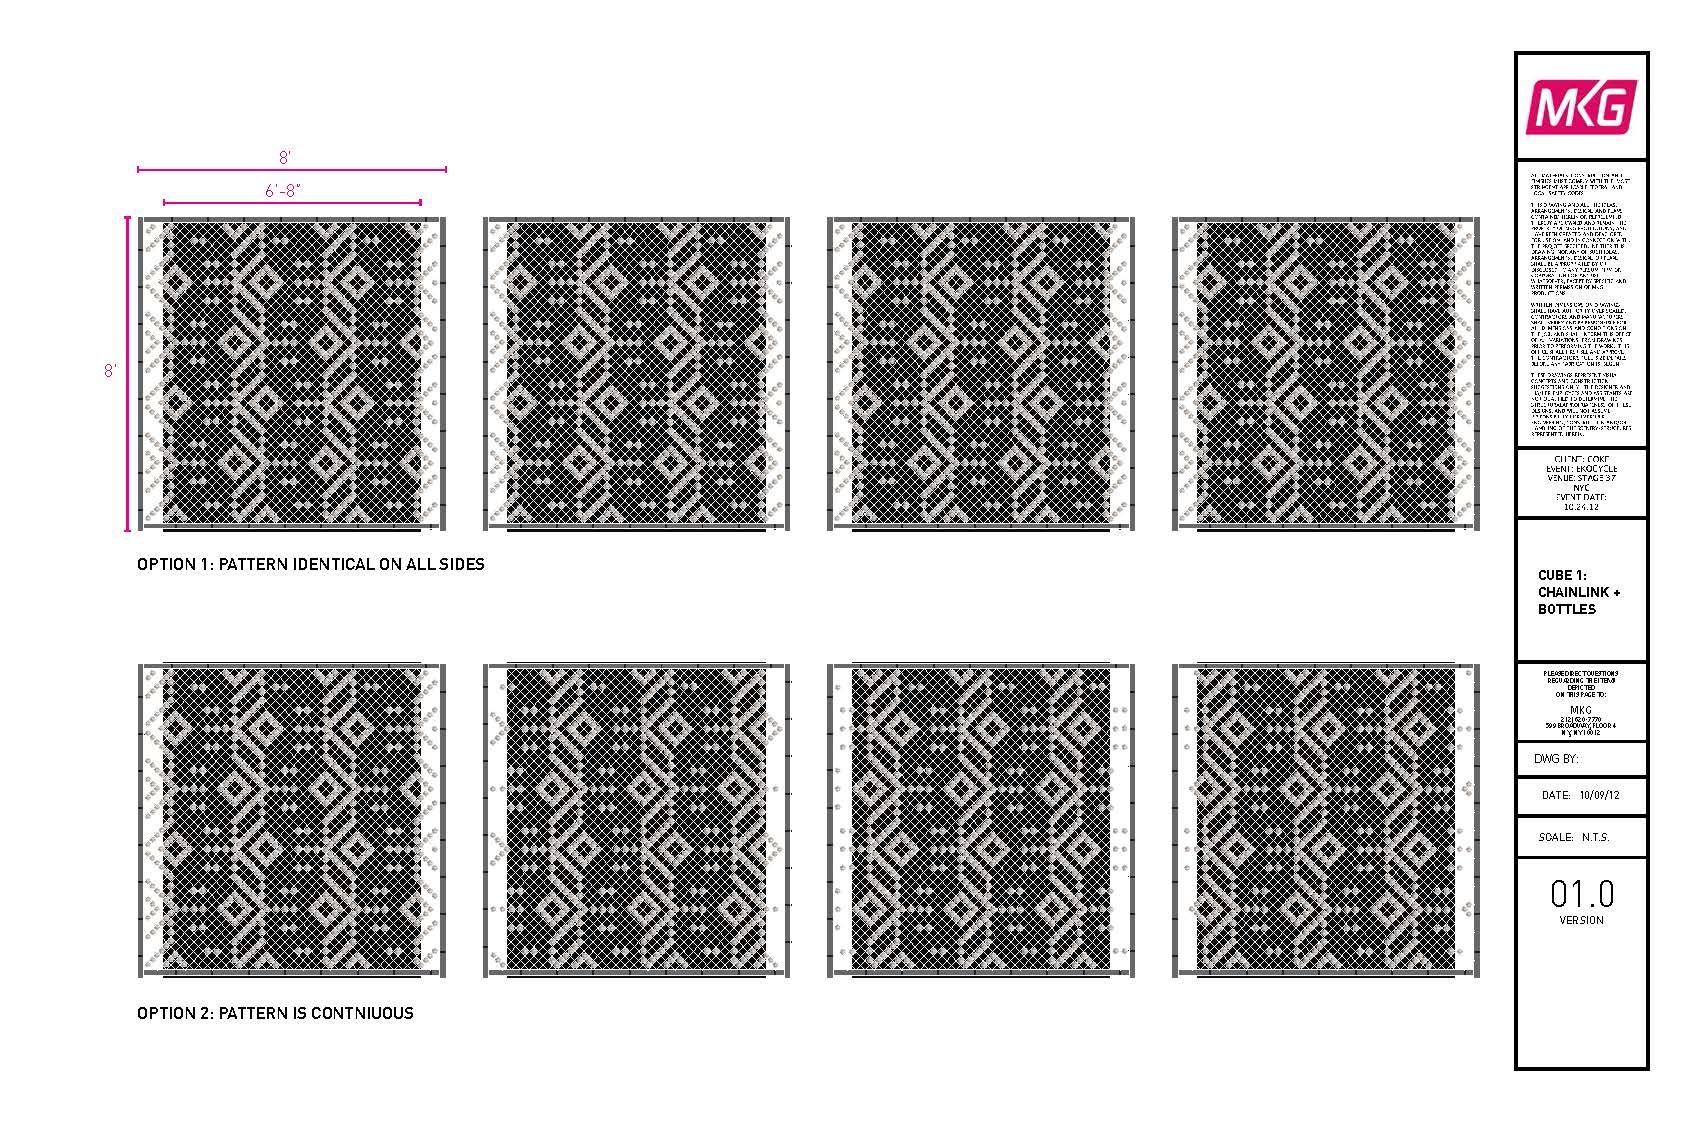 MKG_COKE_EKOCYCLE_BUILD_CUBE1_10.10.12_Page_1.jpg